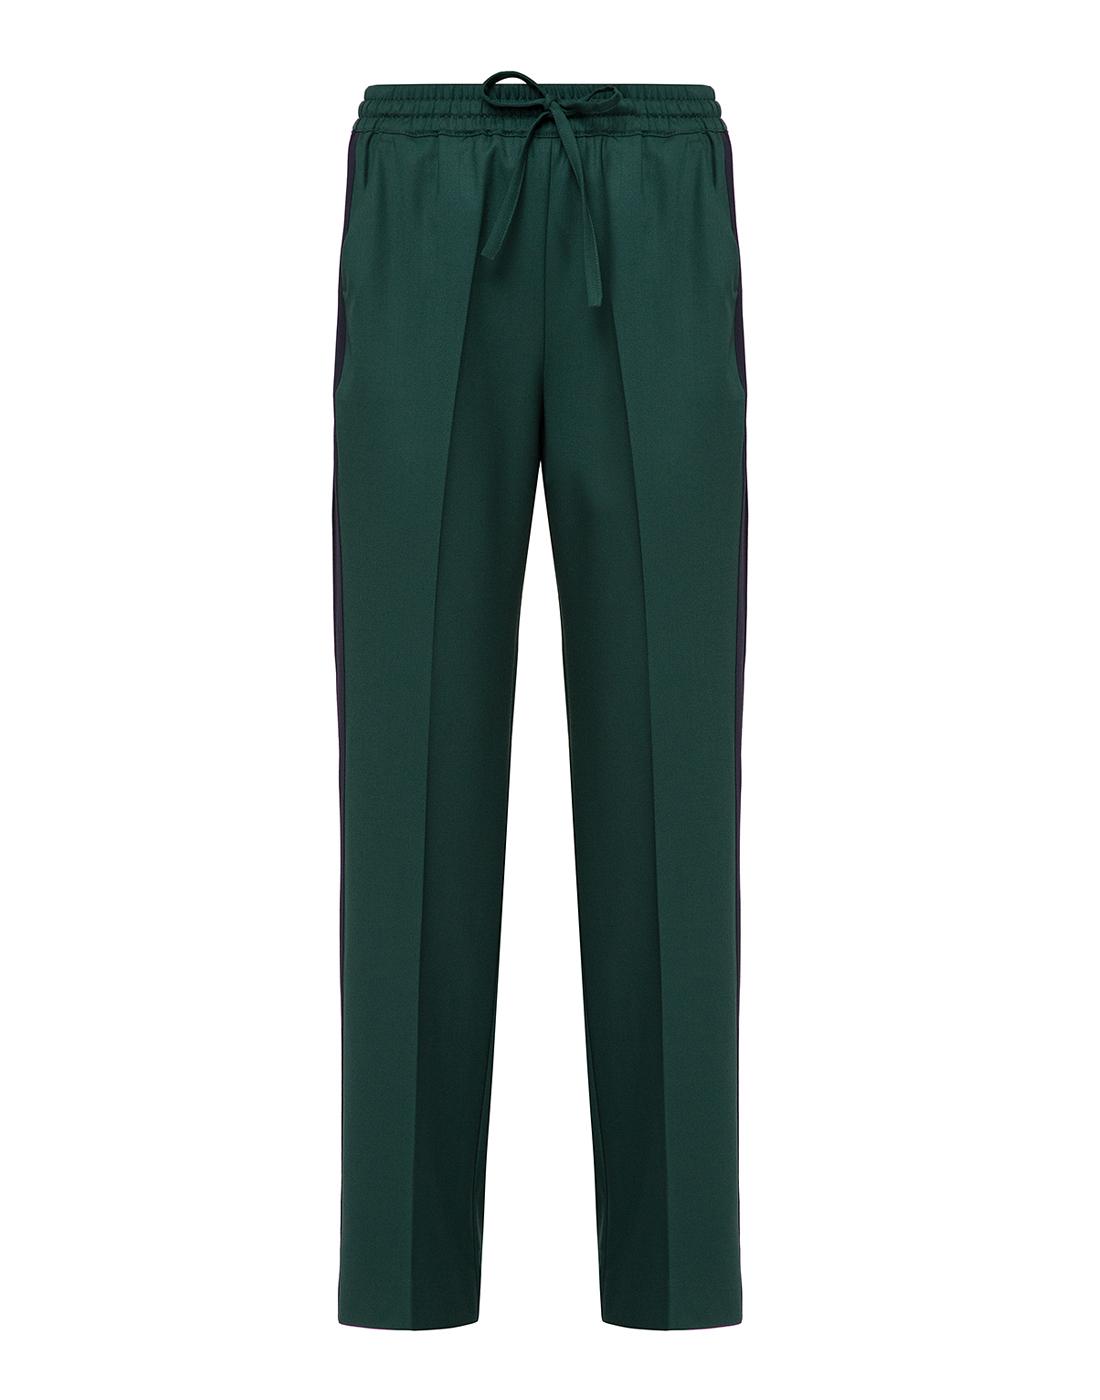 Женские зеленые шерстяные брюки P.A.R.O.S.H. SLILIU D230313-1